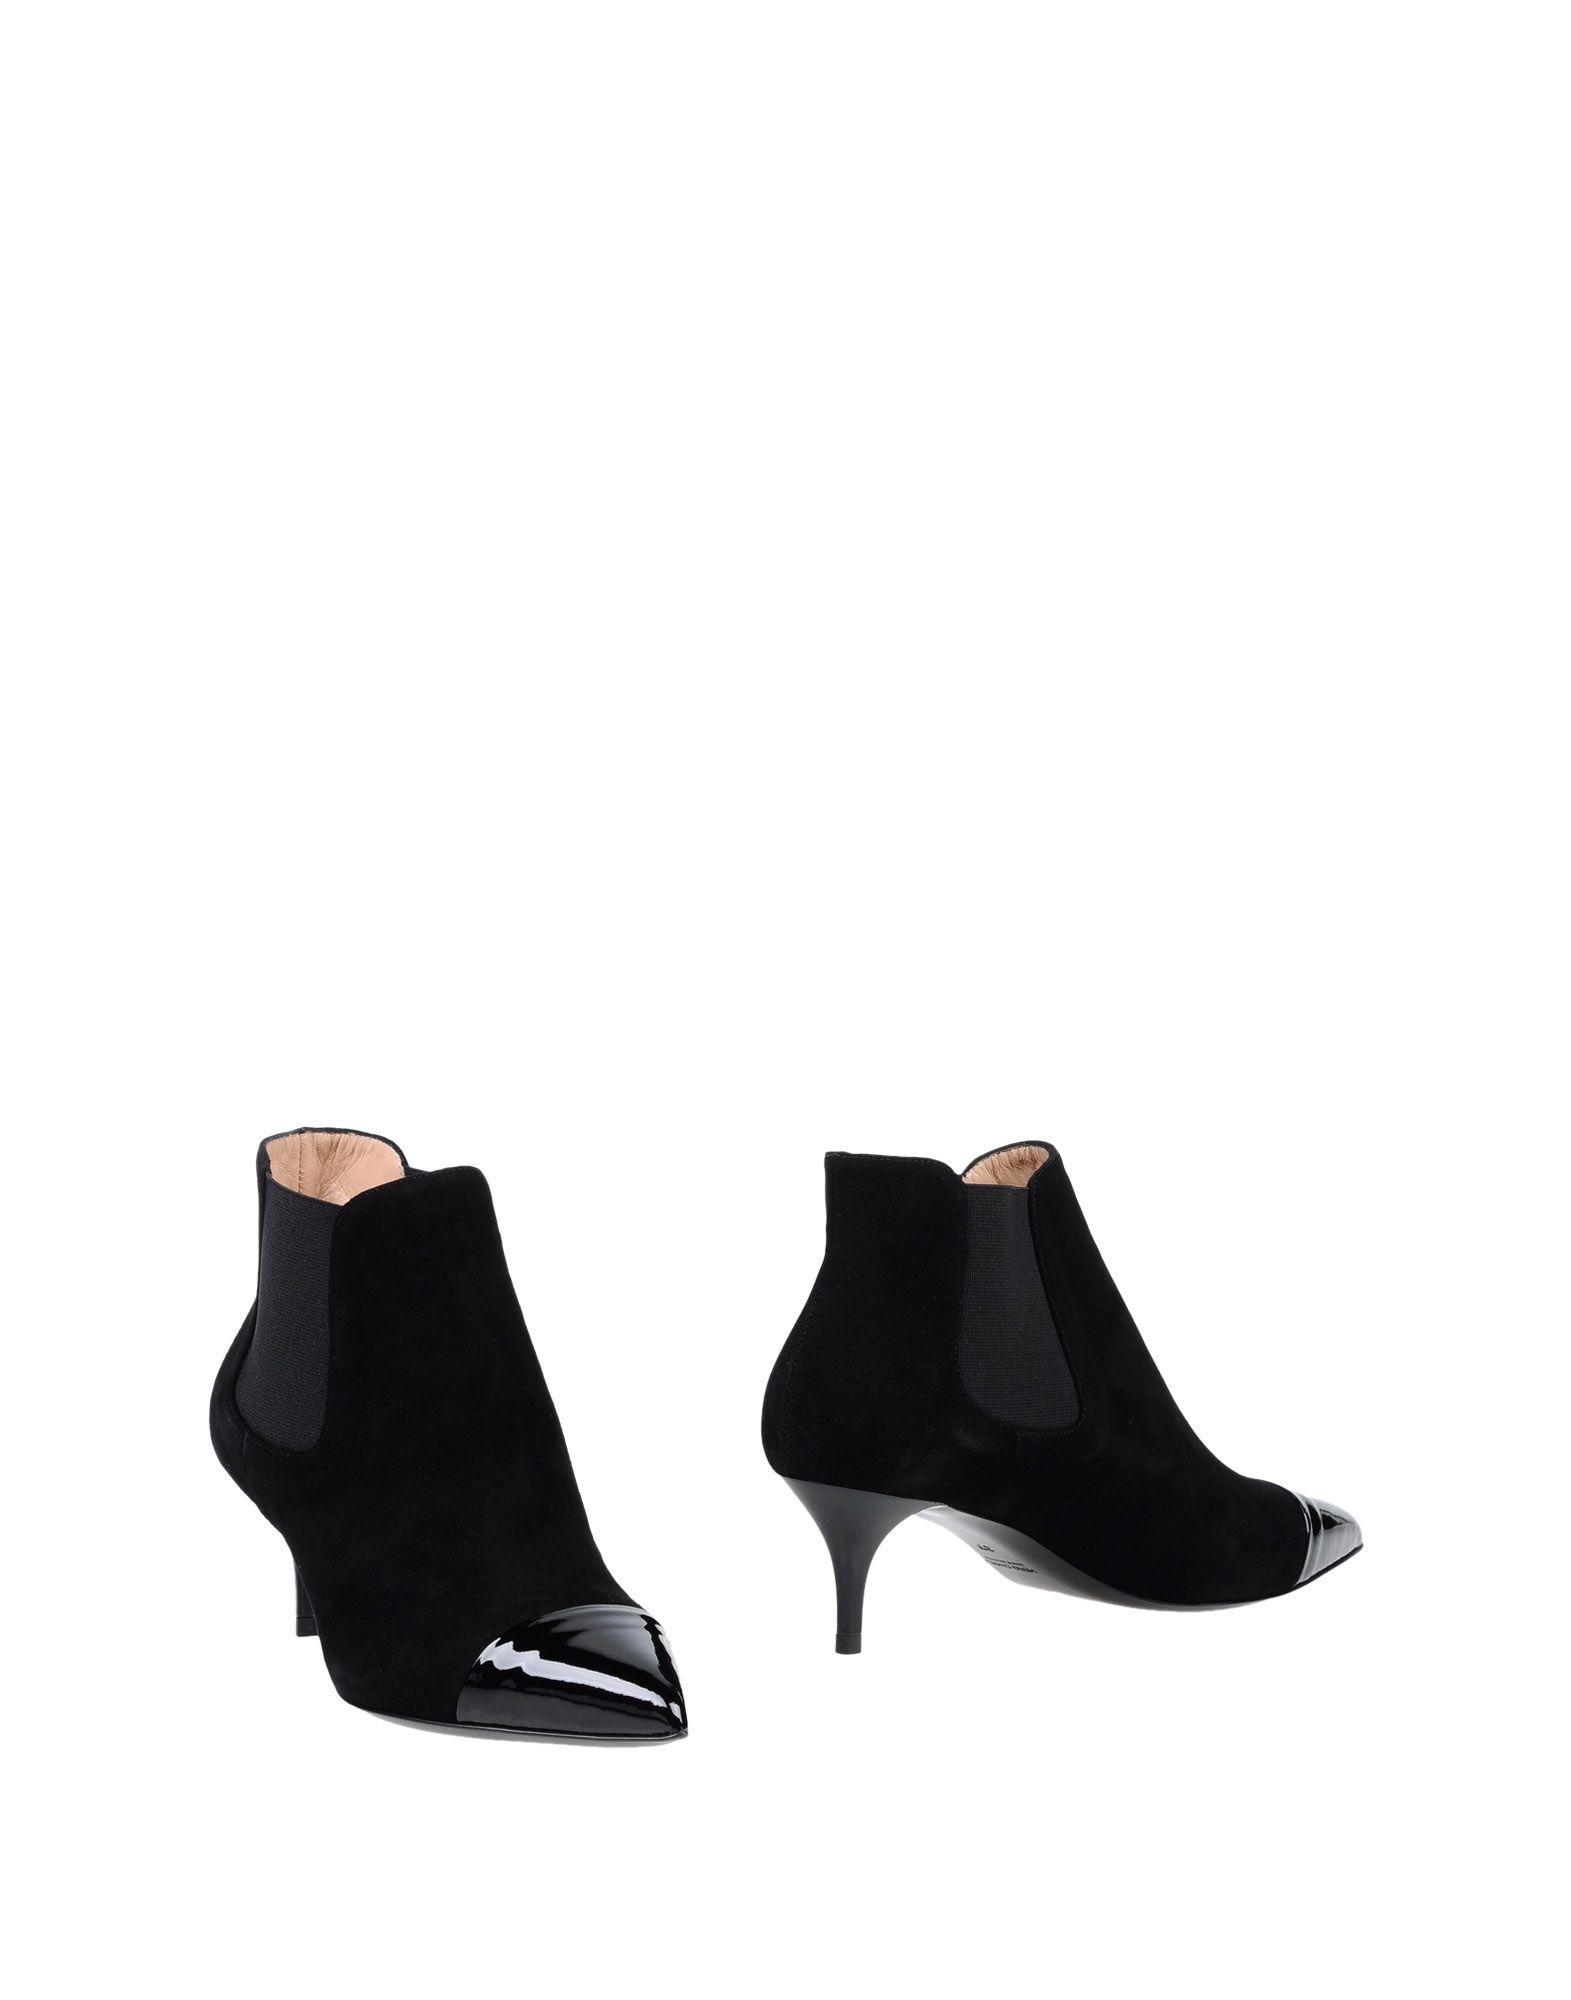 MARCO BARBABELLA Полусапоги и высокие ботинки купить футбольную форму челси торрес